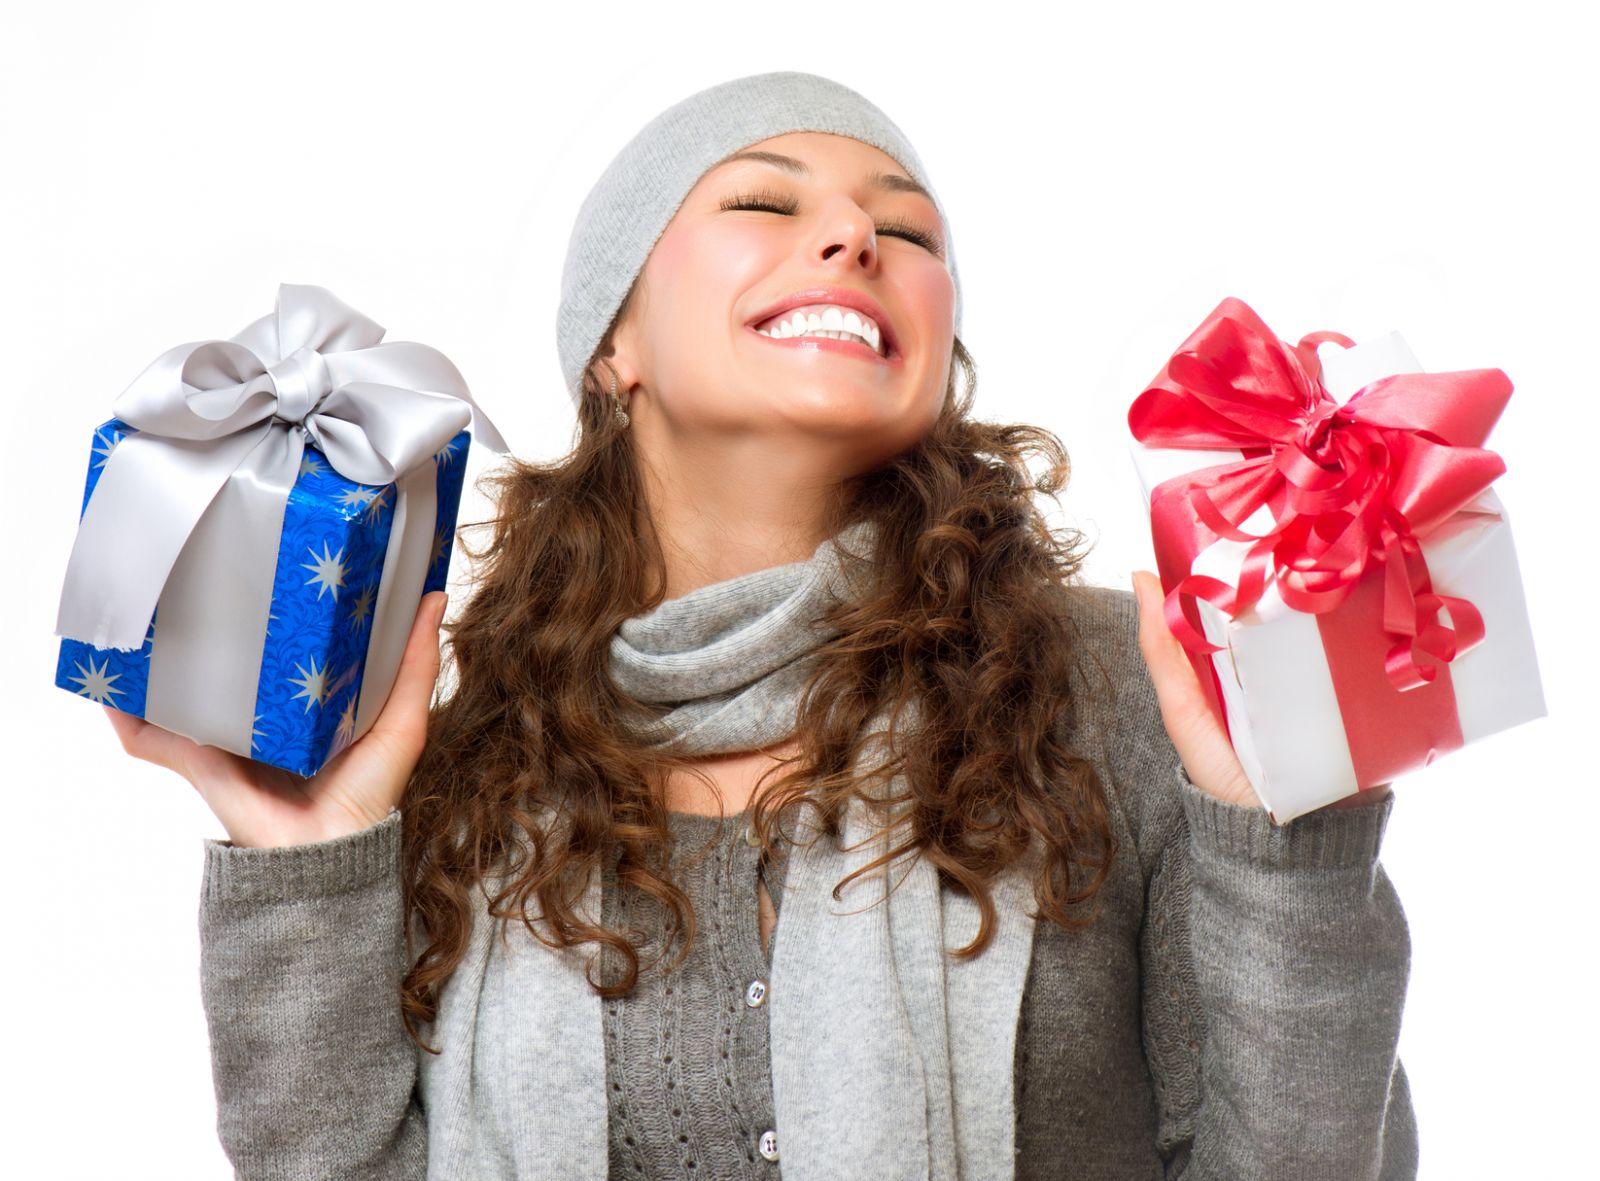 радость от подарка03